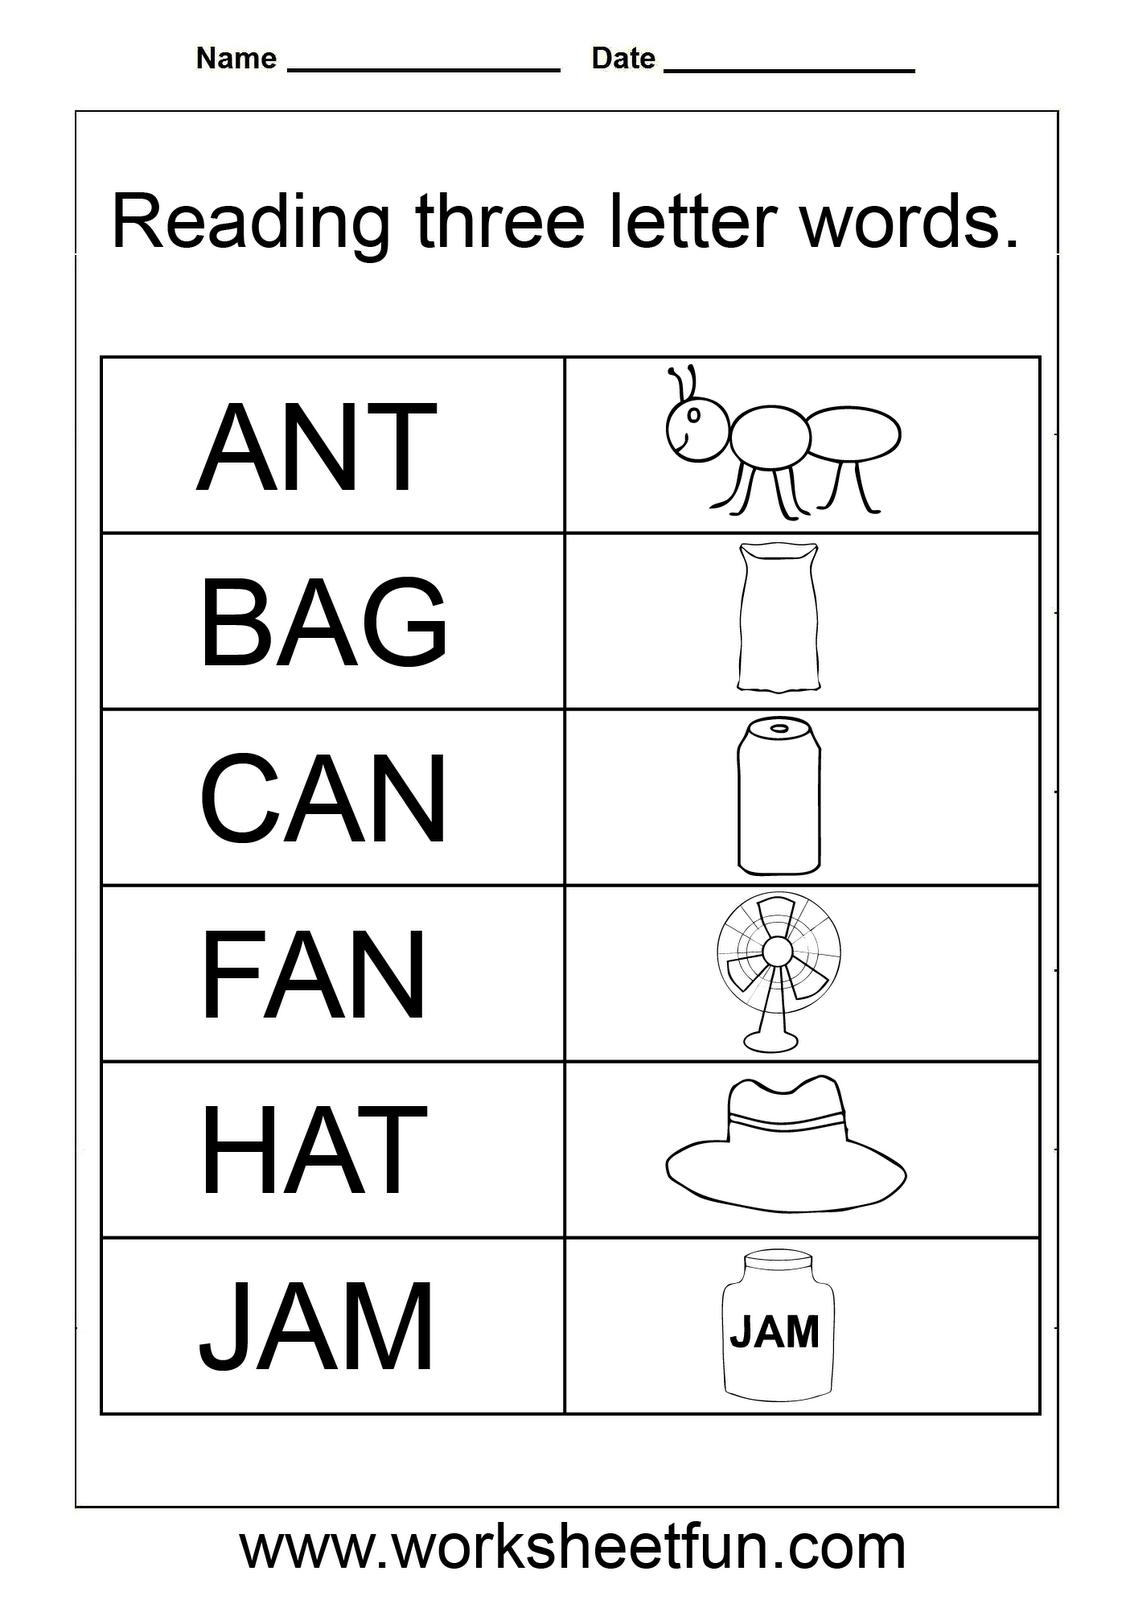 Image Result For Nursery Spelling Worksheets